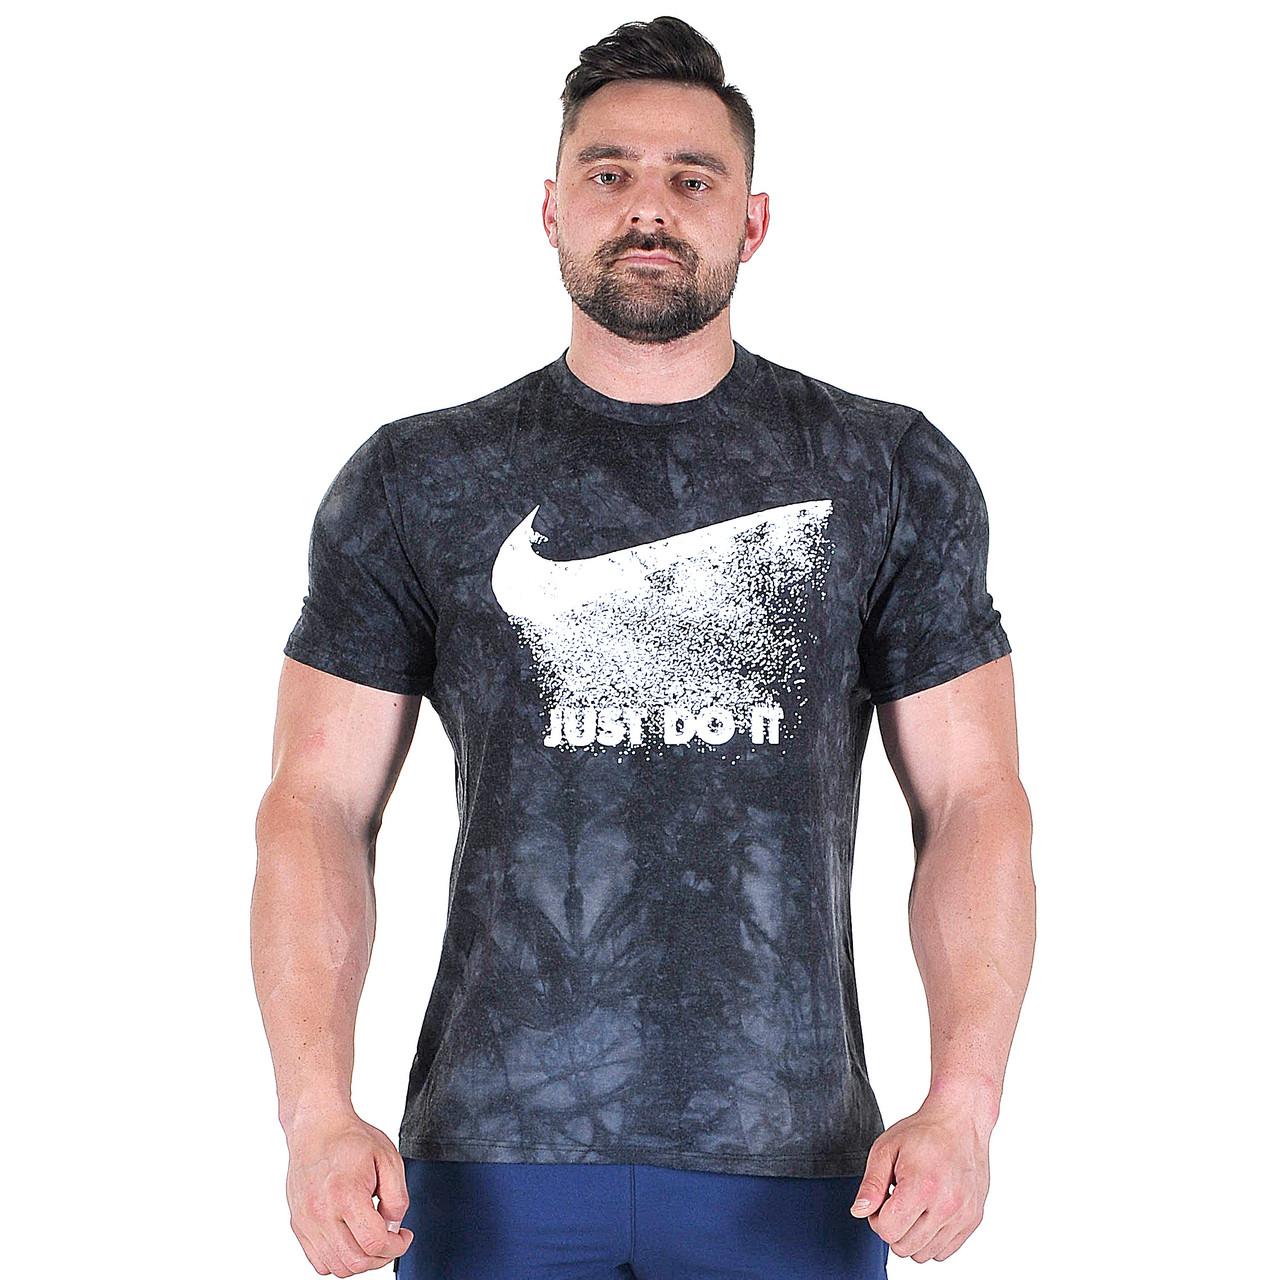 Мужская футболка Nike (арт. 724441128) - Aleksa - интернет-магазин женской  одежды bedc8b886ee6e